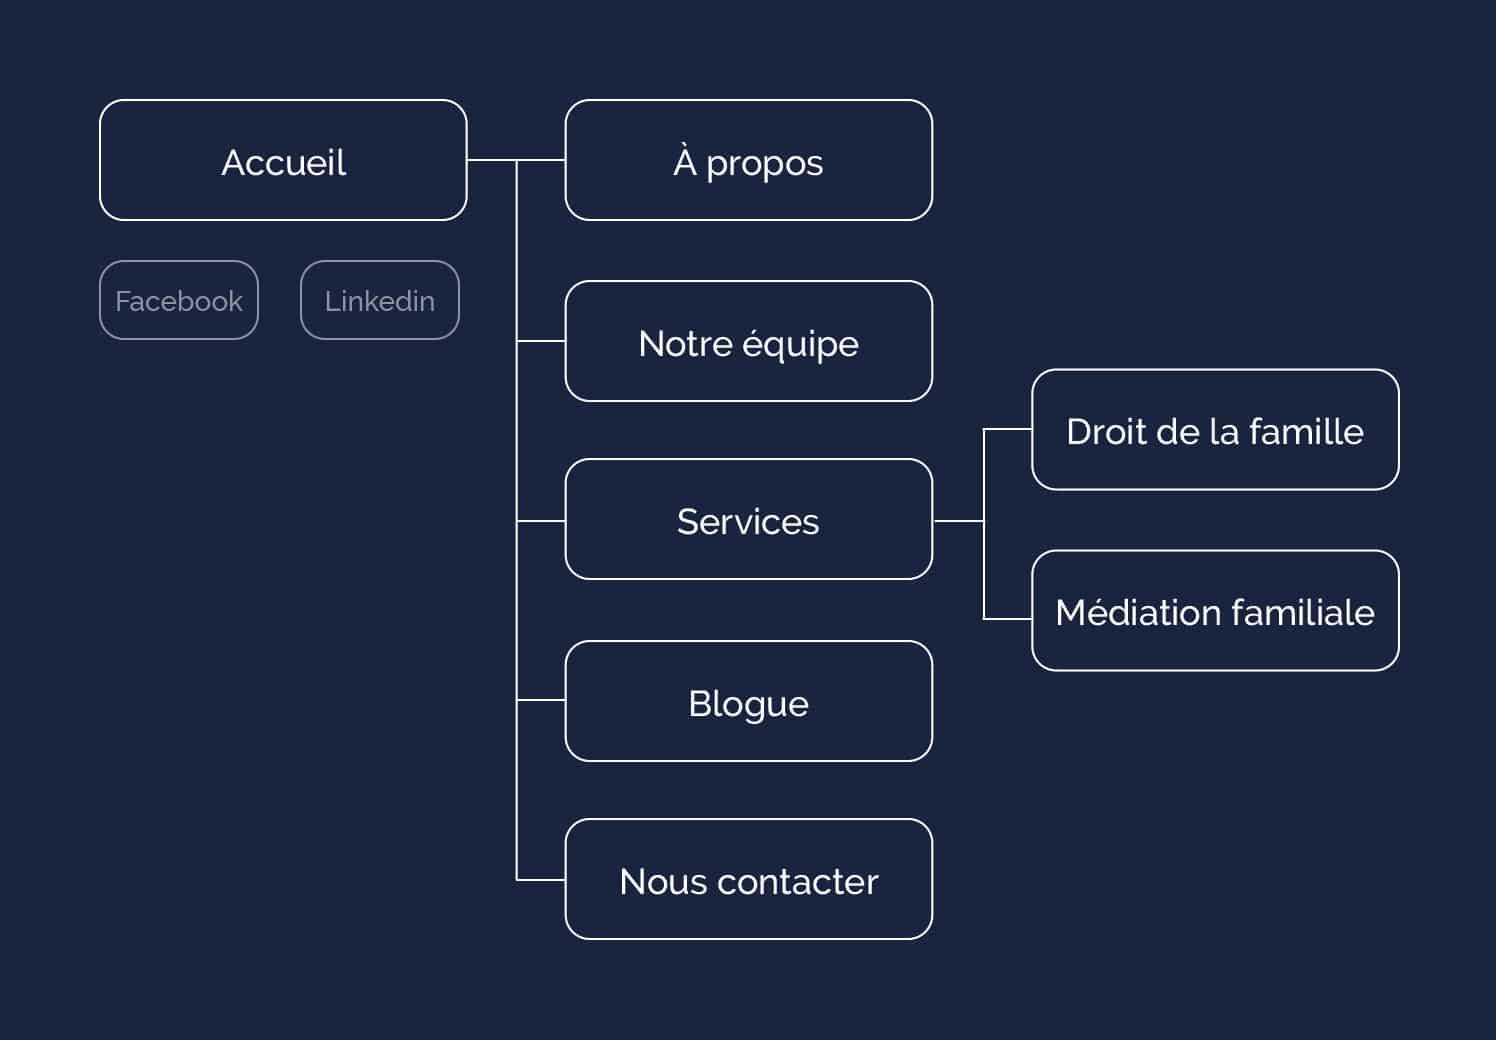 L'arborescence du site WordPress de Lemmel Avocate